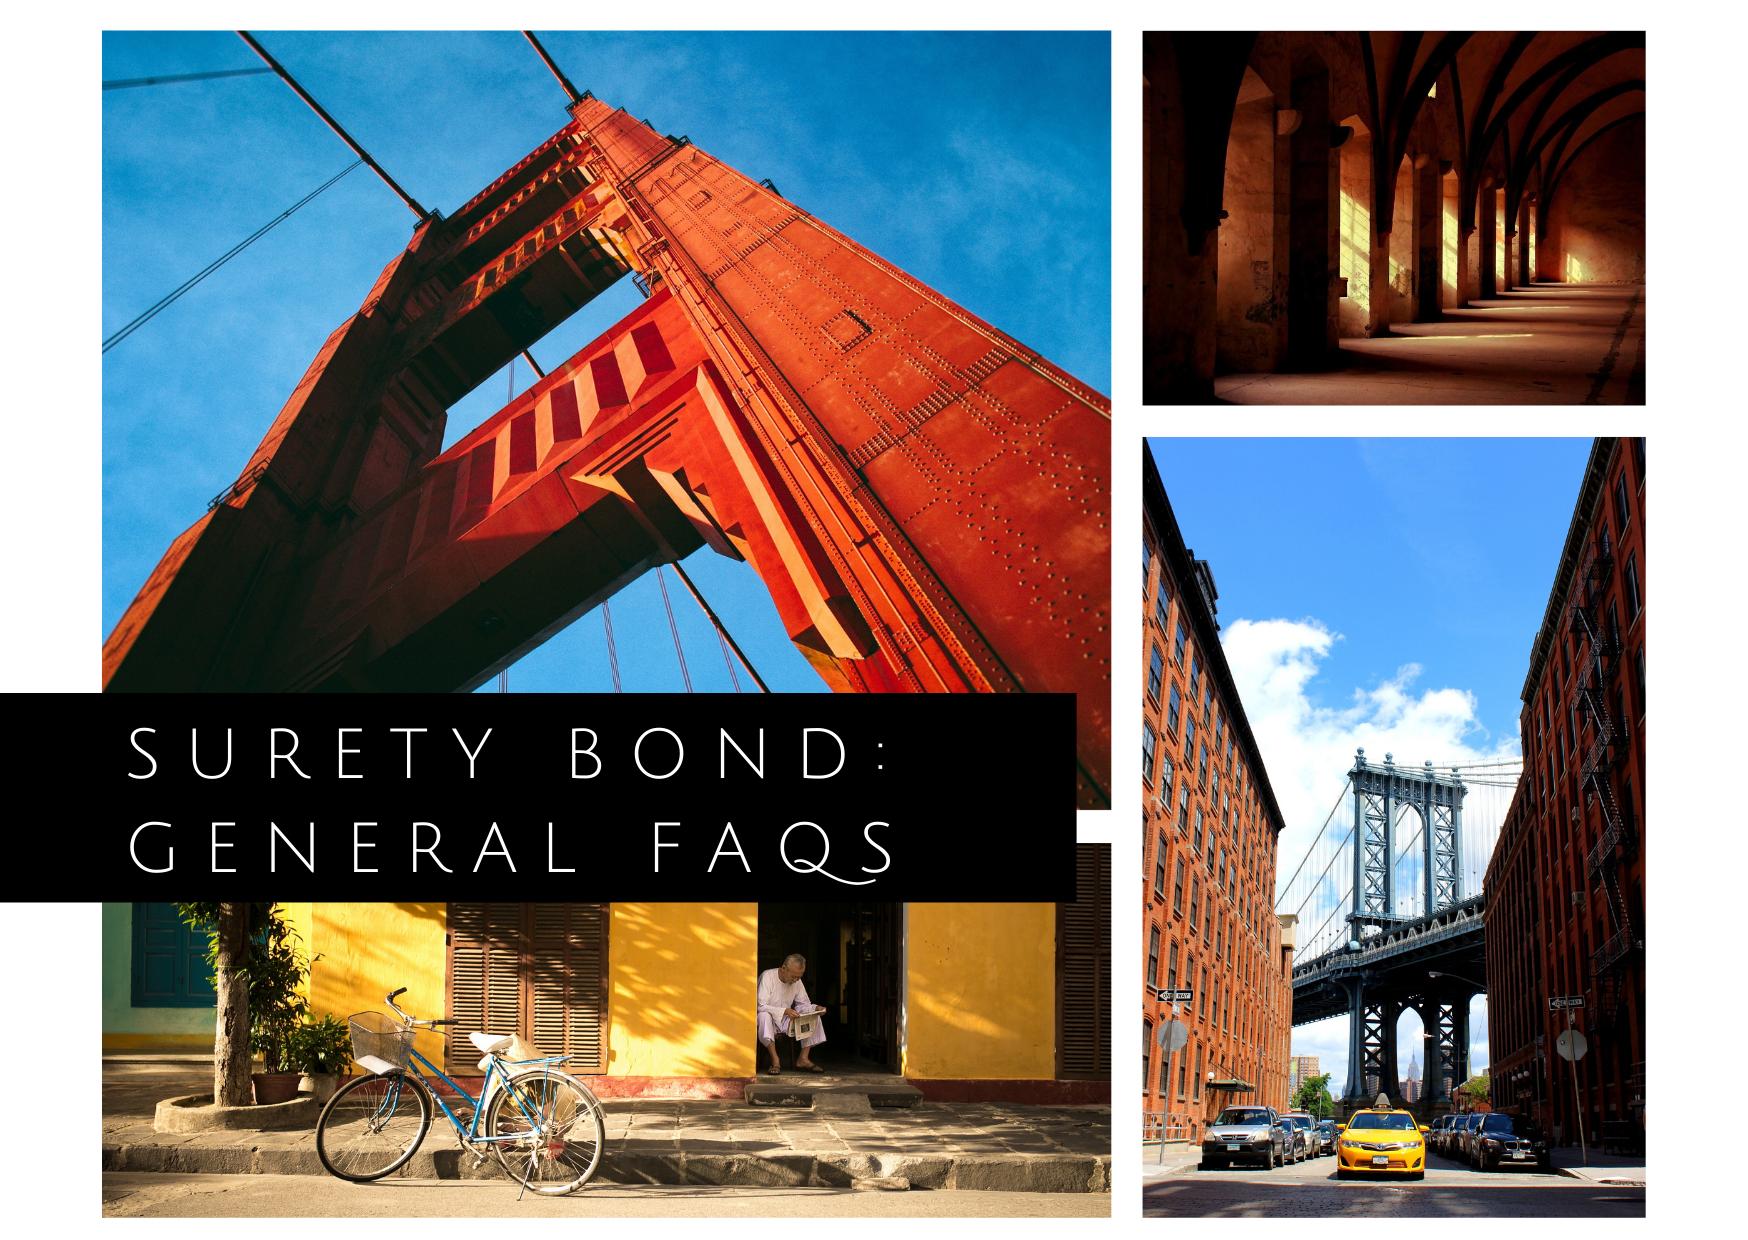 surety bond - how do surety bonds work - photo collage of different landmarks